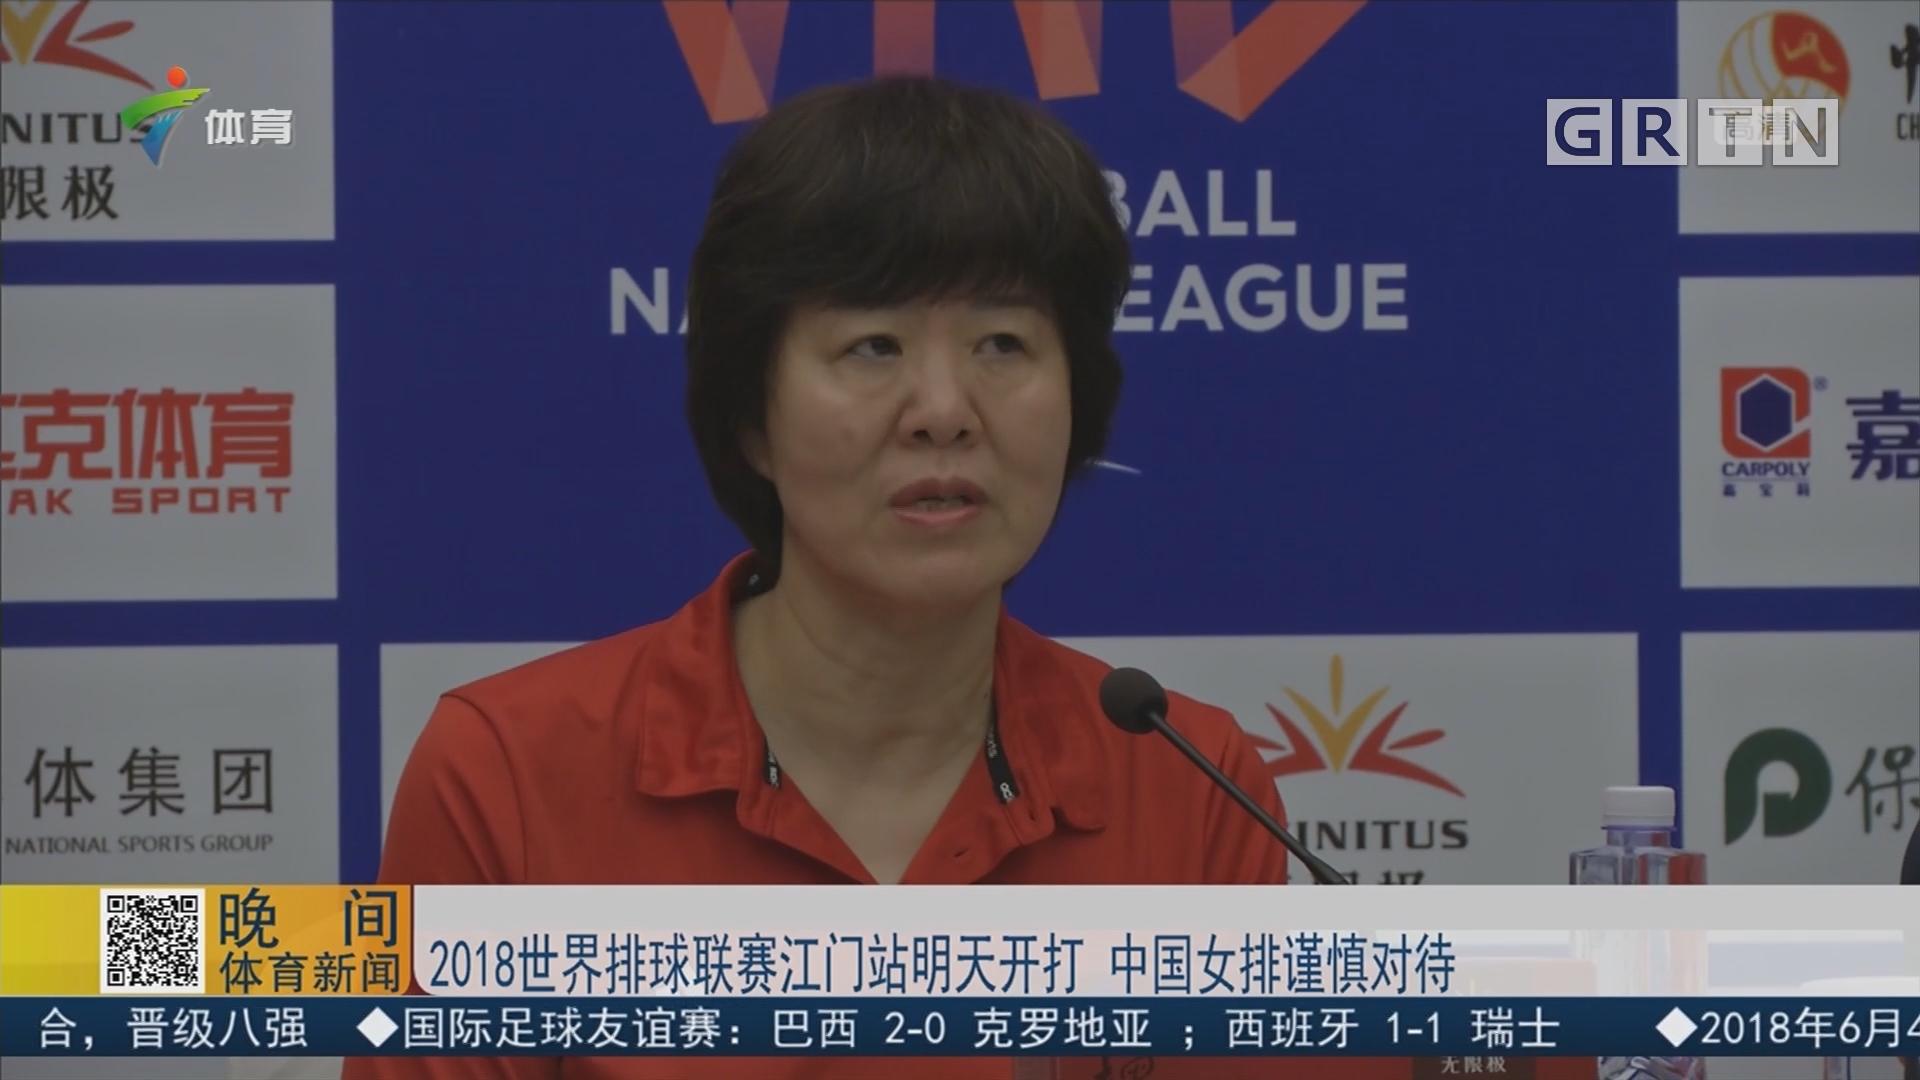 2018世界排球联赛江门站明天开打 中国女排谨慎对待